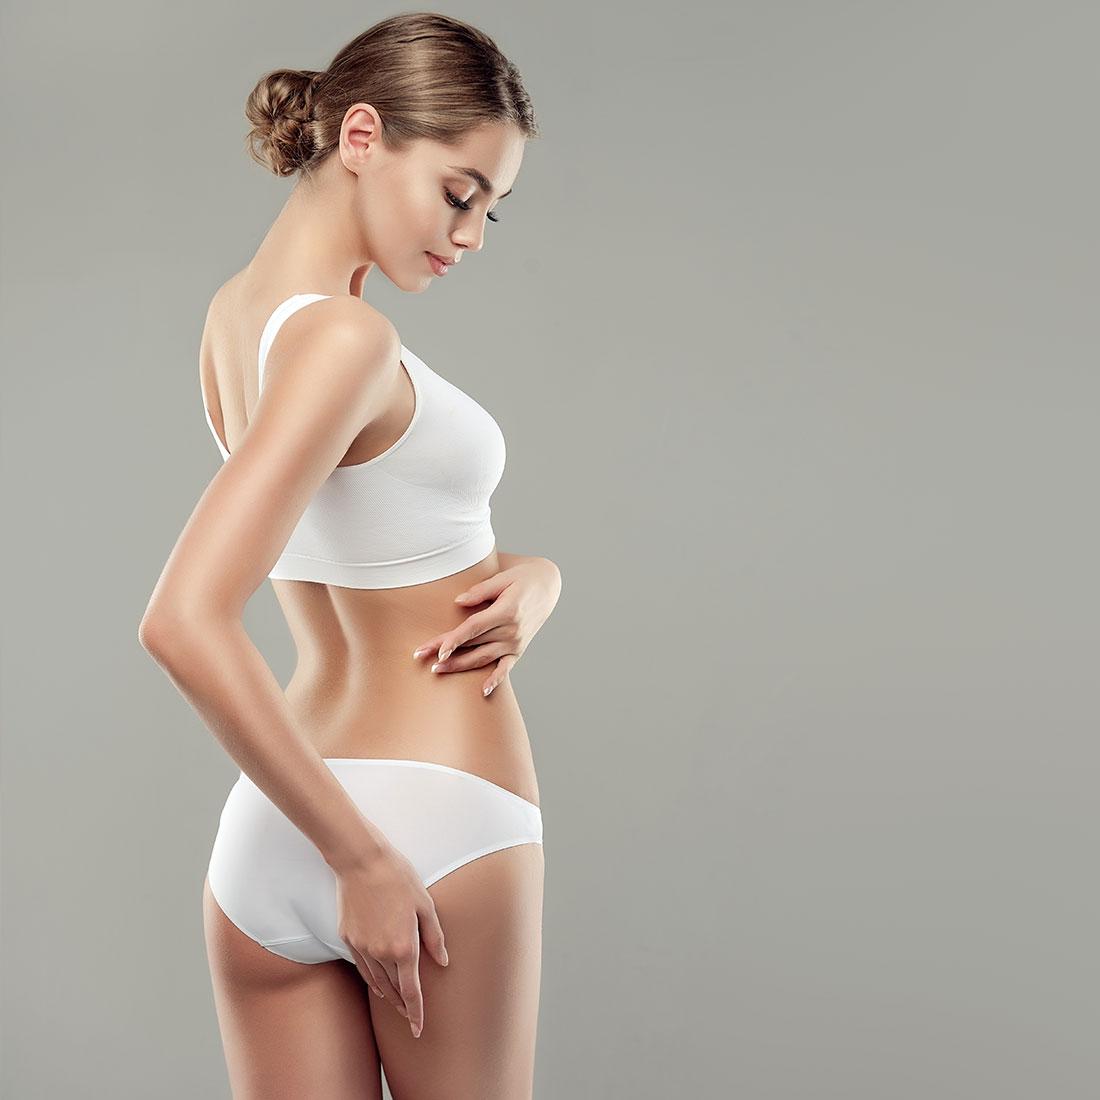 Φιγούρα λεπτού, νεανικού γυναικείου σώματος με λευκά ελαστικά εσώρουχα σε γκρί φόντο